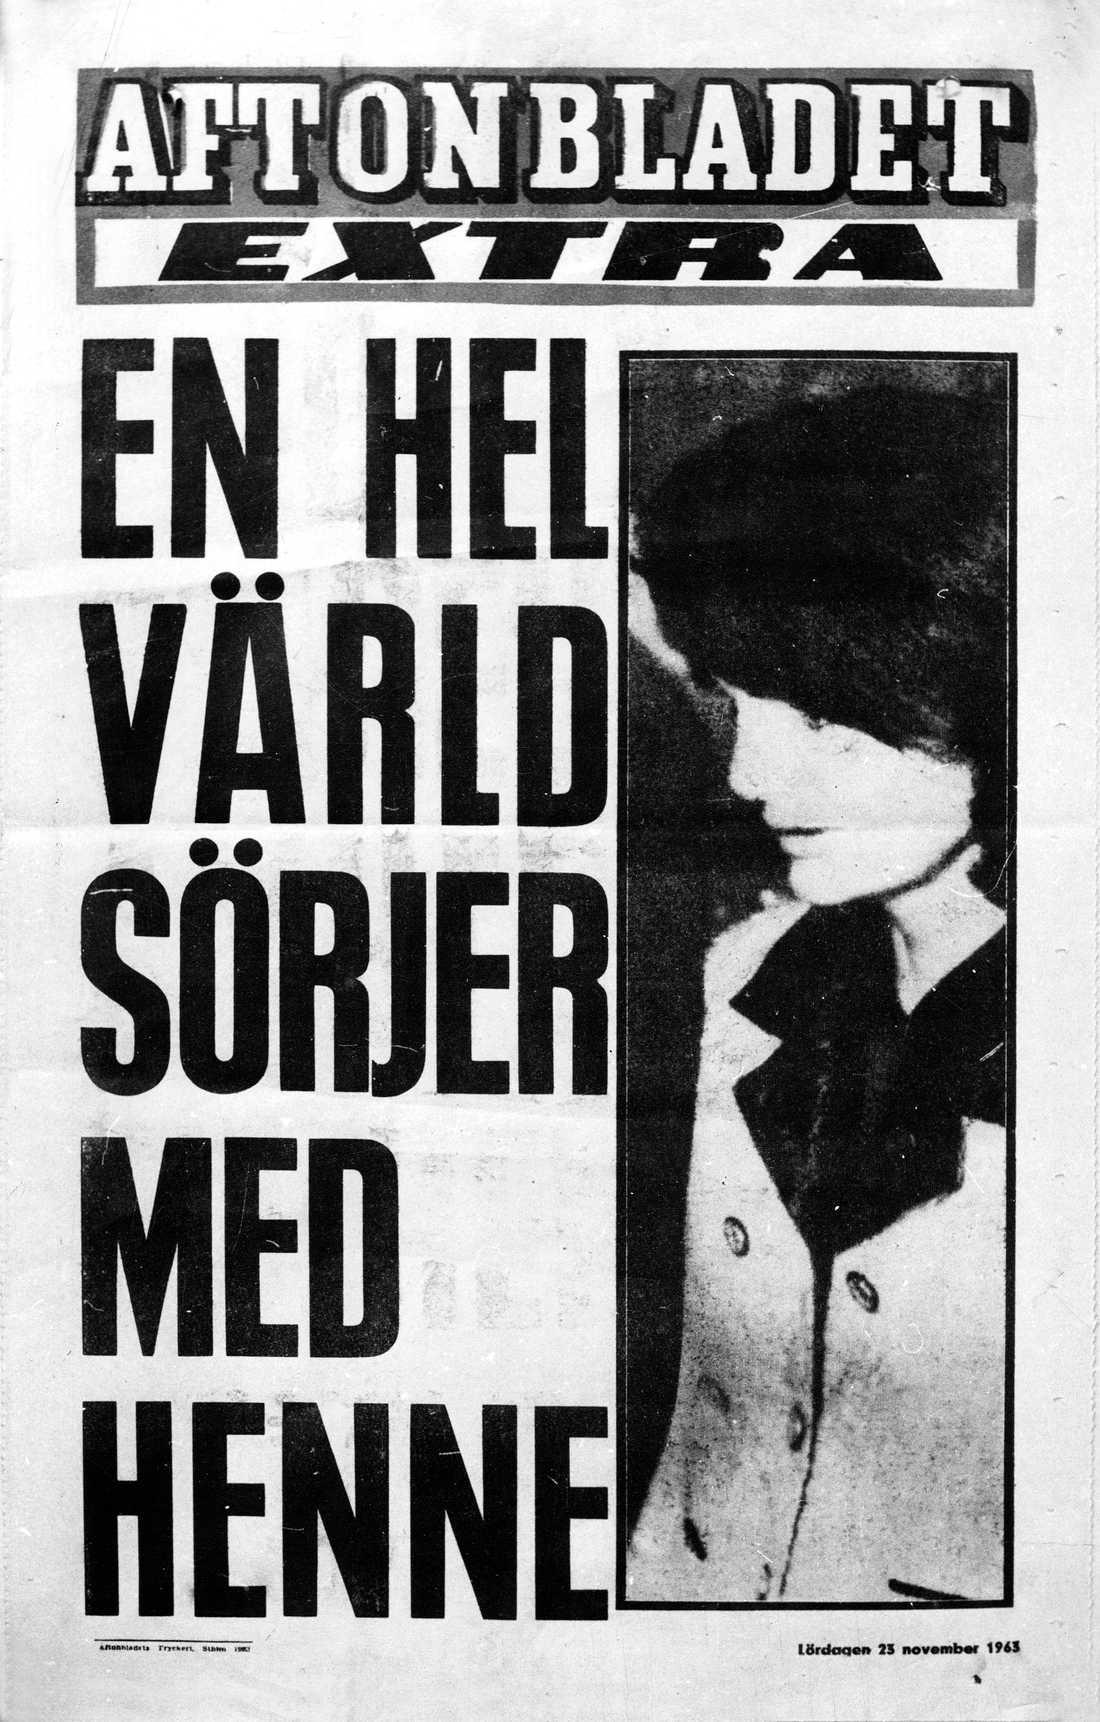 Aftonbladets löpsedel lördagen den 23 november, dagen efter mordet.